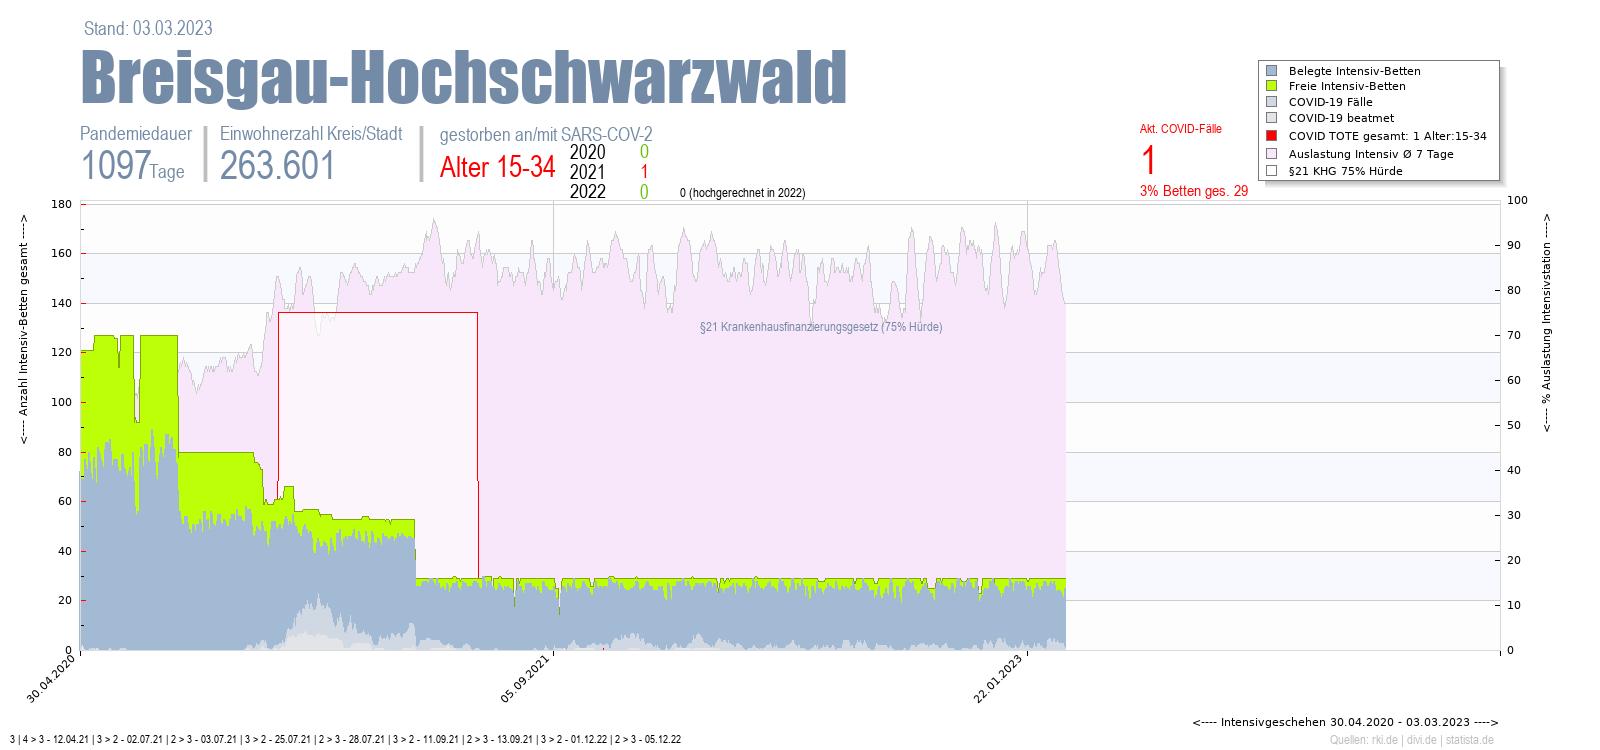 Intensivstation Auslastung Breisgau-Hochschwarzwald Alter 0-4